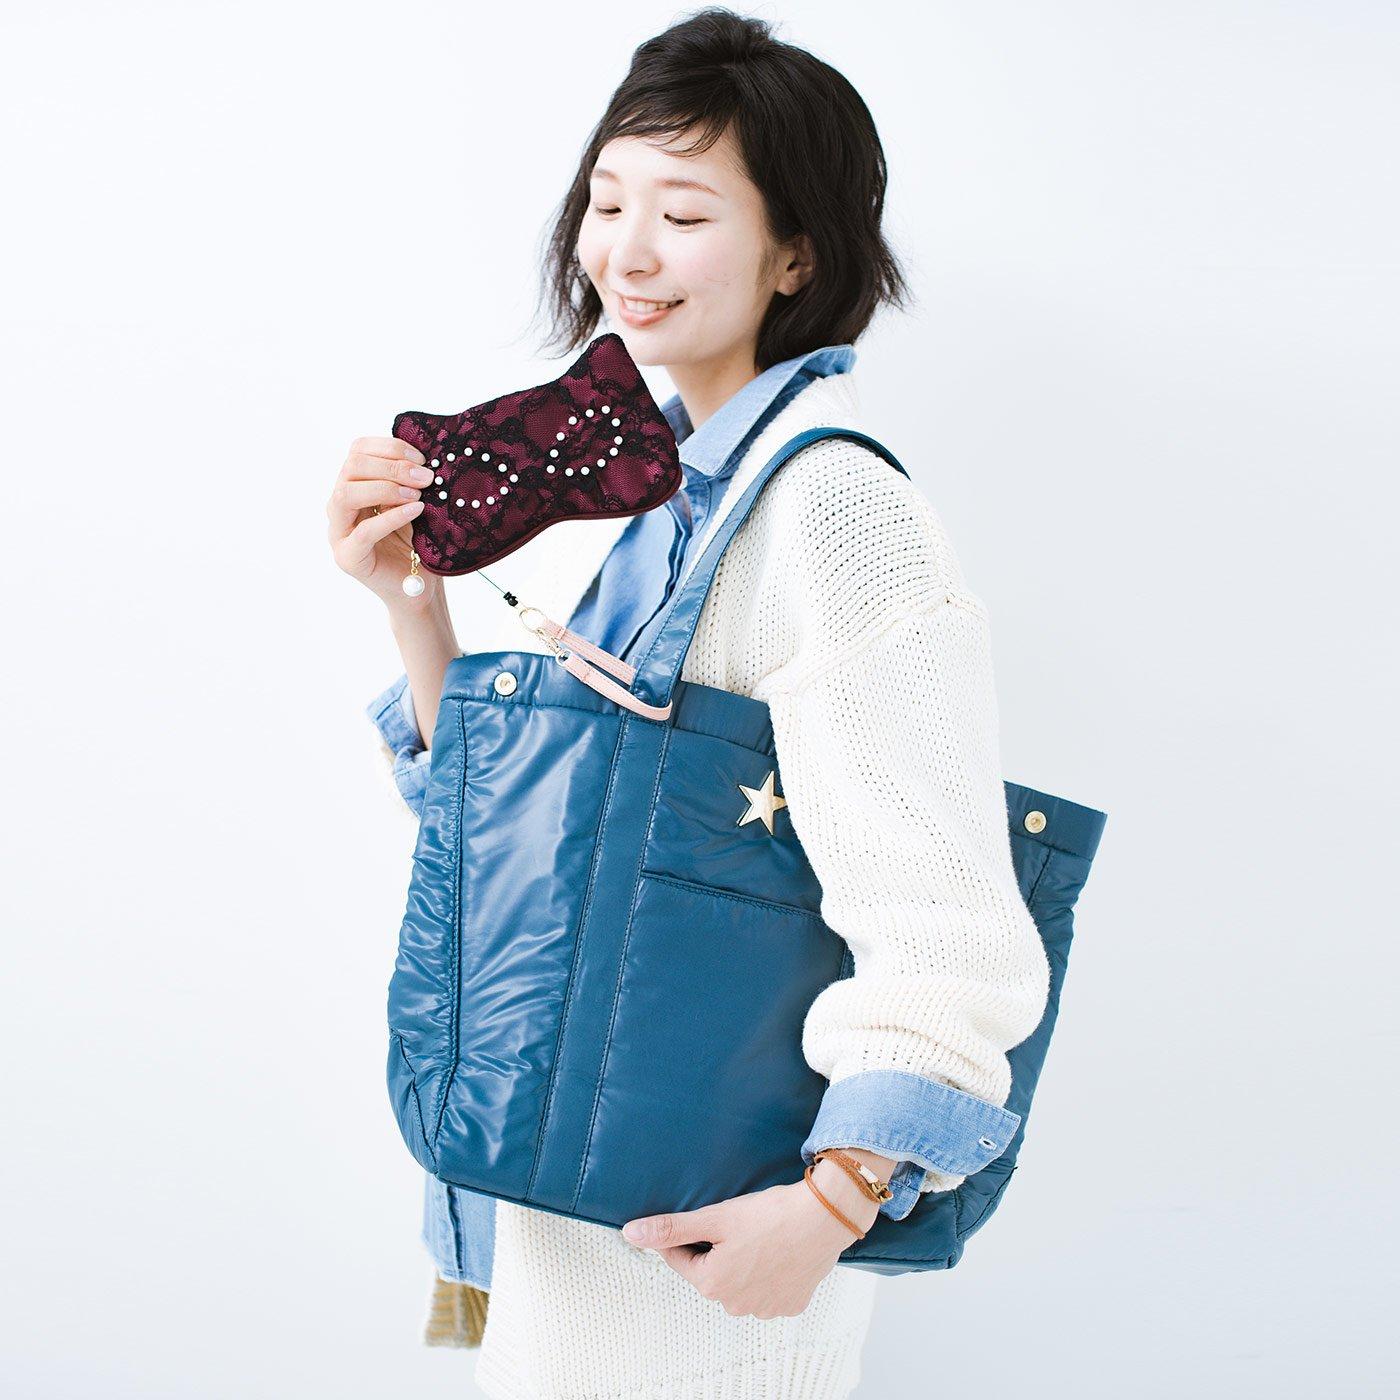 マタニティ&ママに便利!  軽くて大きめバッグ&キャットパスケースで外にでかけるのが楽しくなるセット